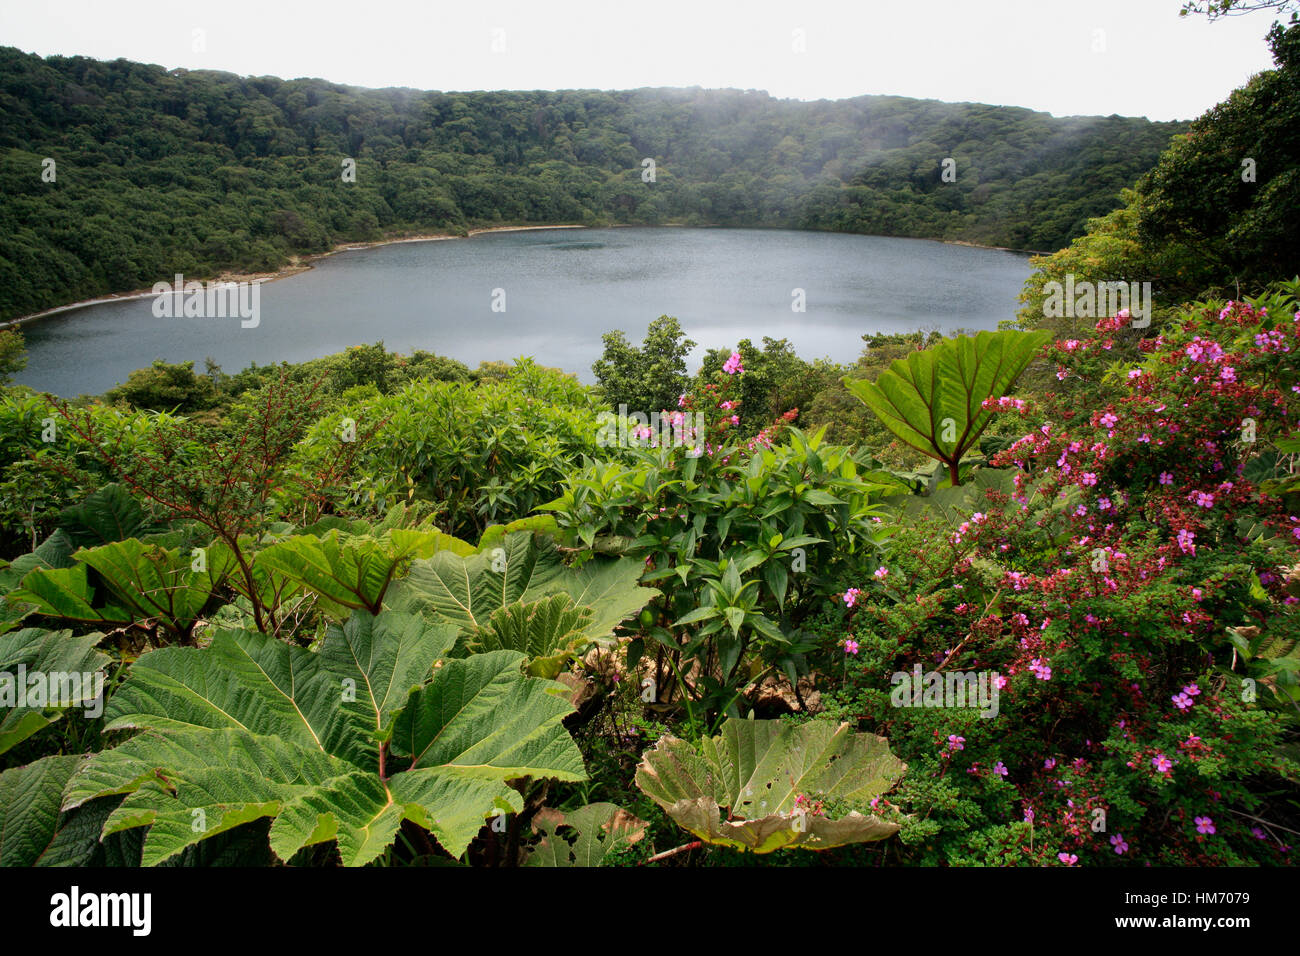 Gran sombrilla del pobre (Gunnera insignis) hojas y flores de los volcanes Melastoma (Monochaetum vulcanicum) en la Laguna Botos en el Volcán Poás Nat Foto de stock